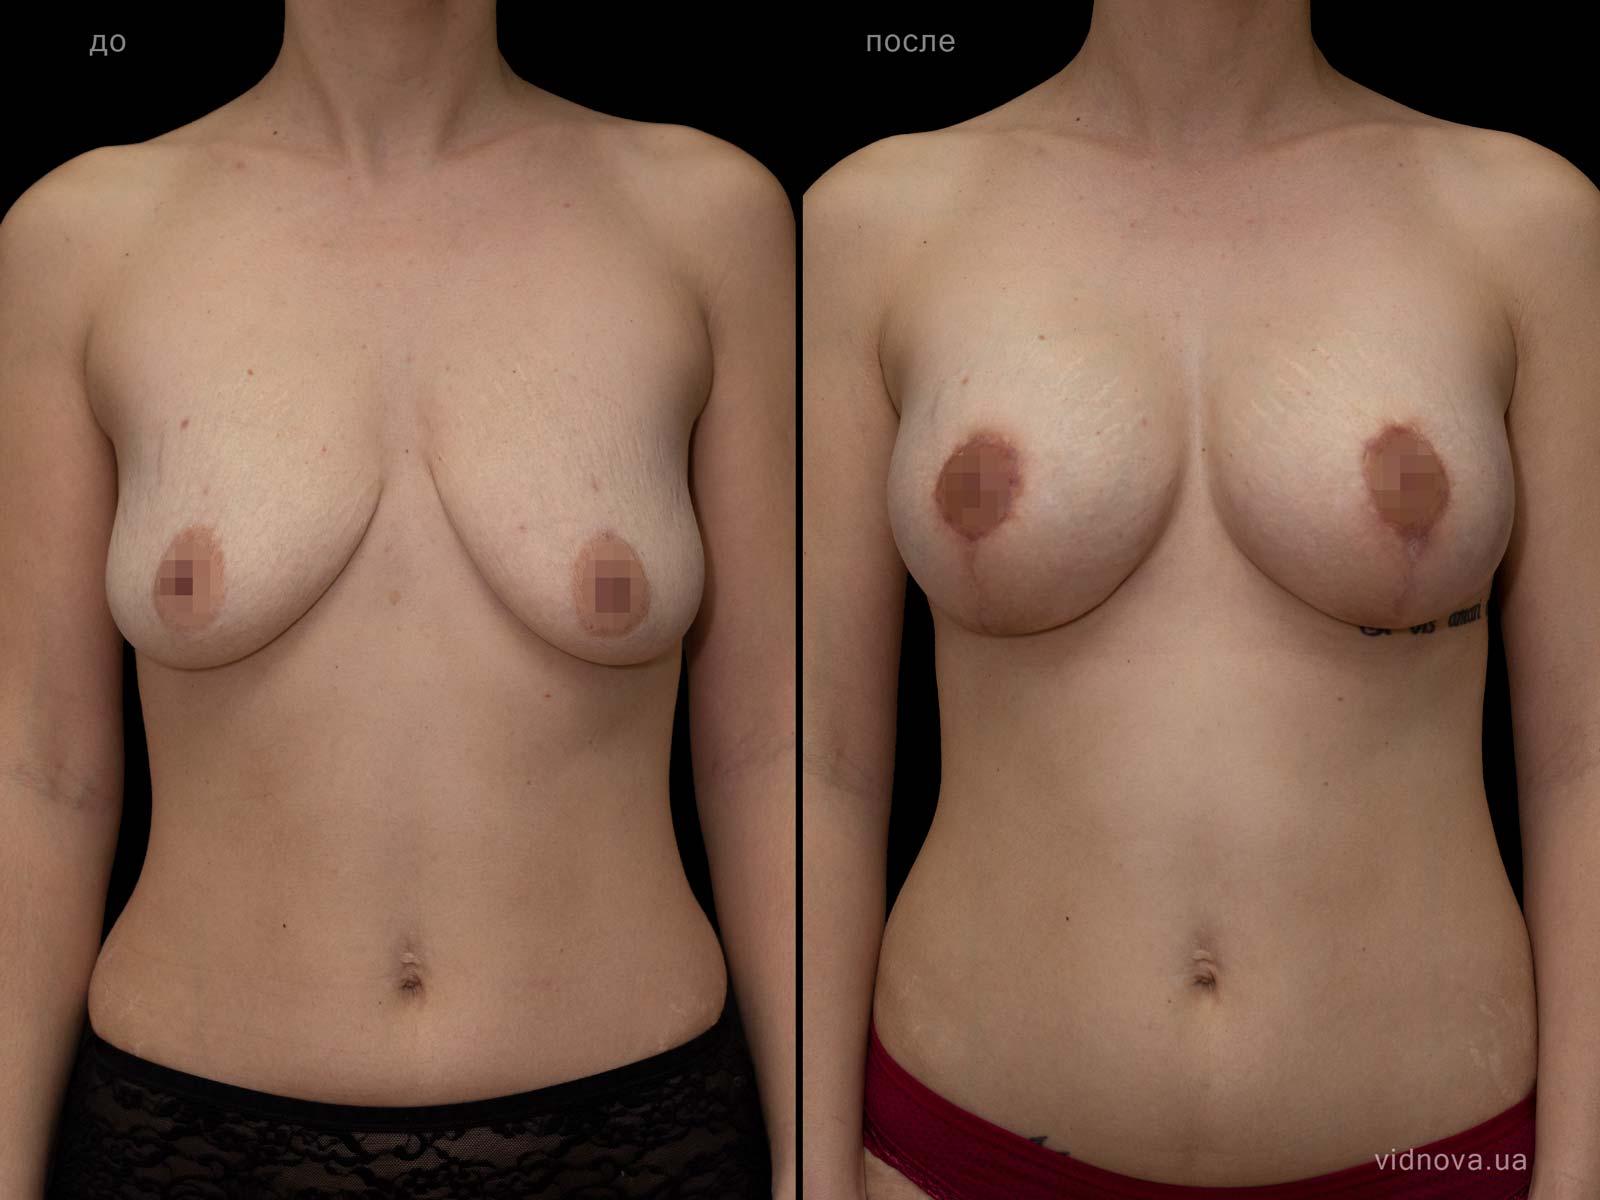 Пластика груди: результаты до и после - Пример №84-0 - Светлана Работенко